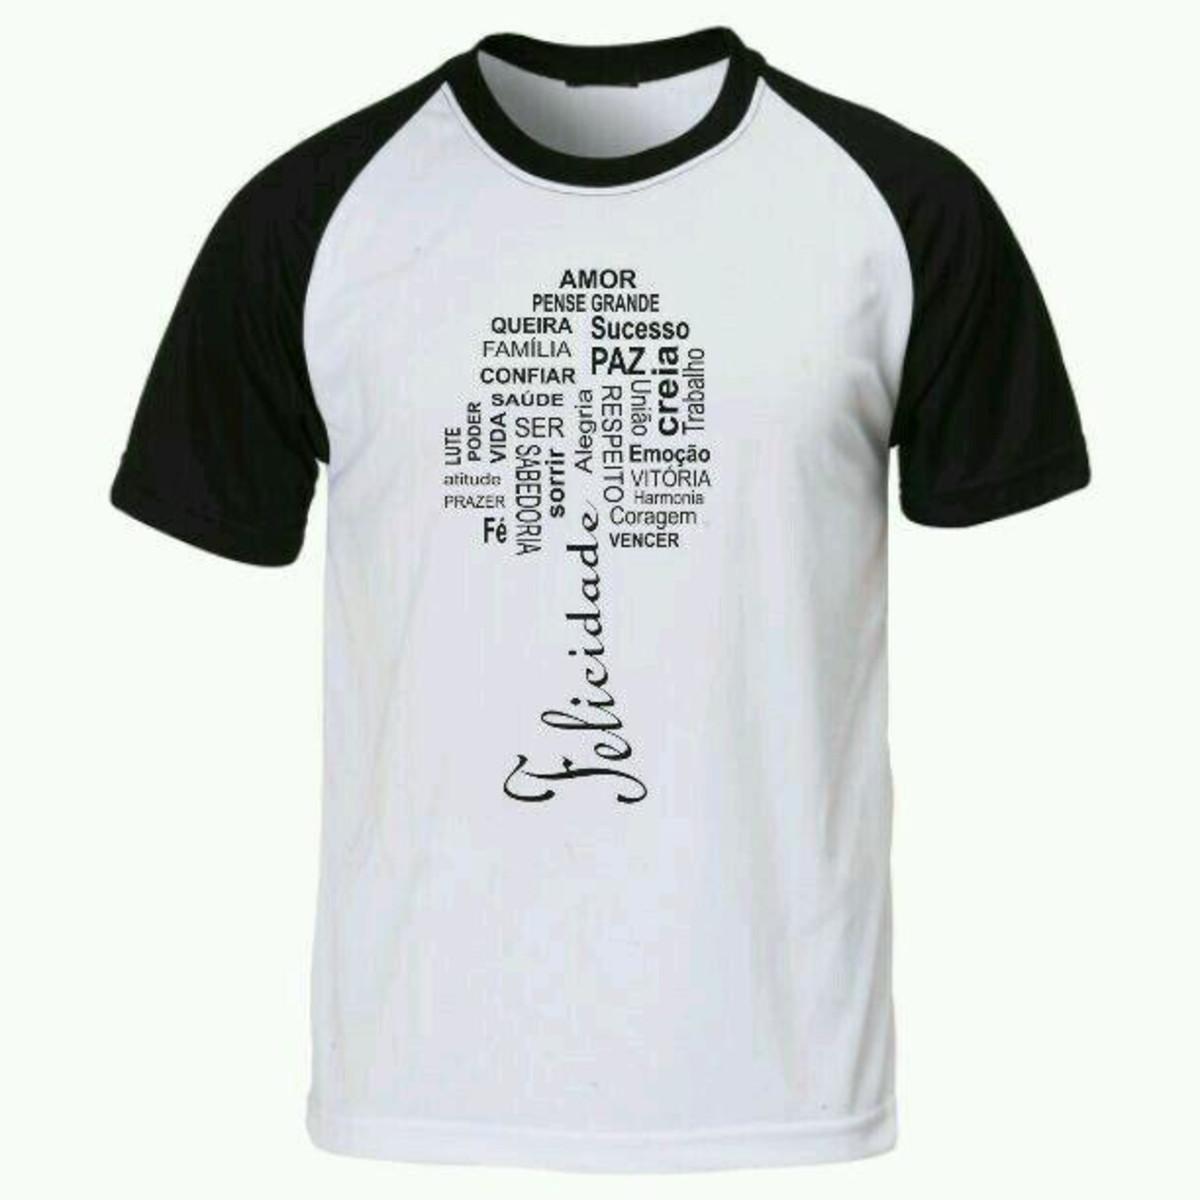 b5629e566 Camiseta com frases raglan no Elo7